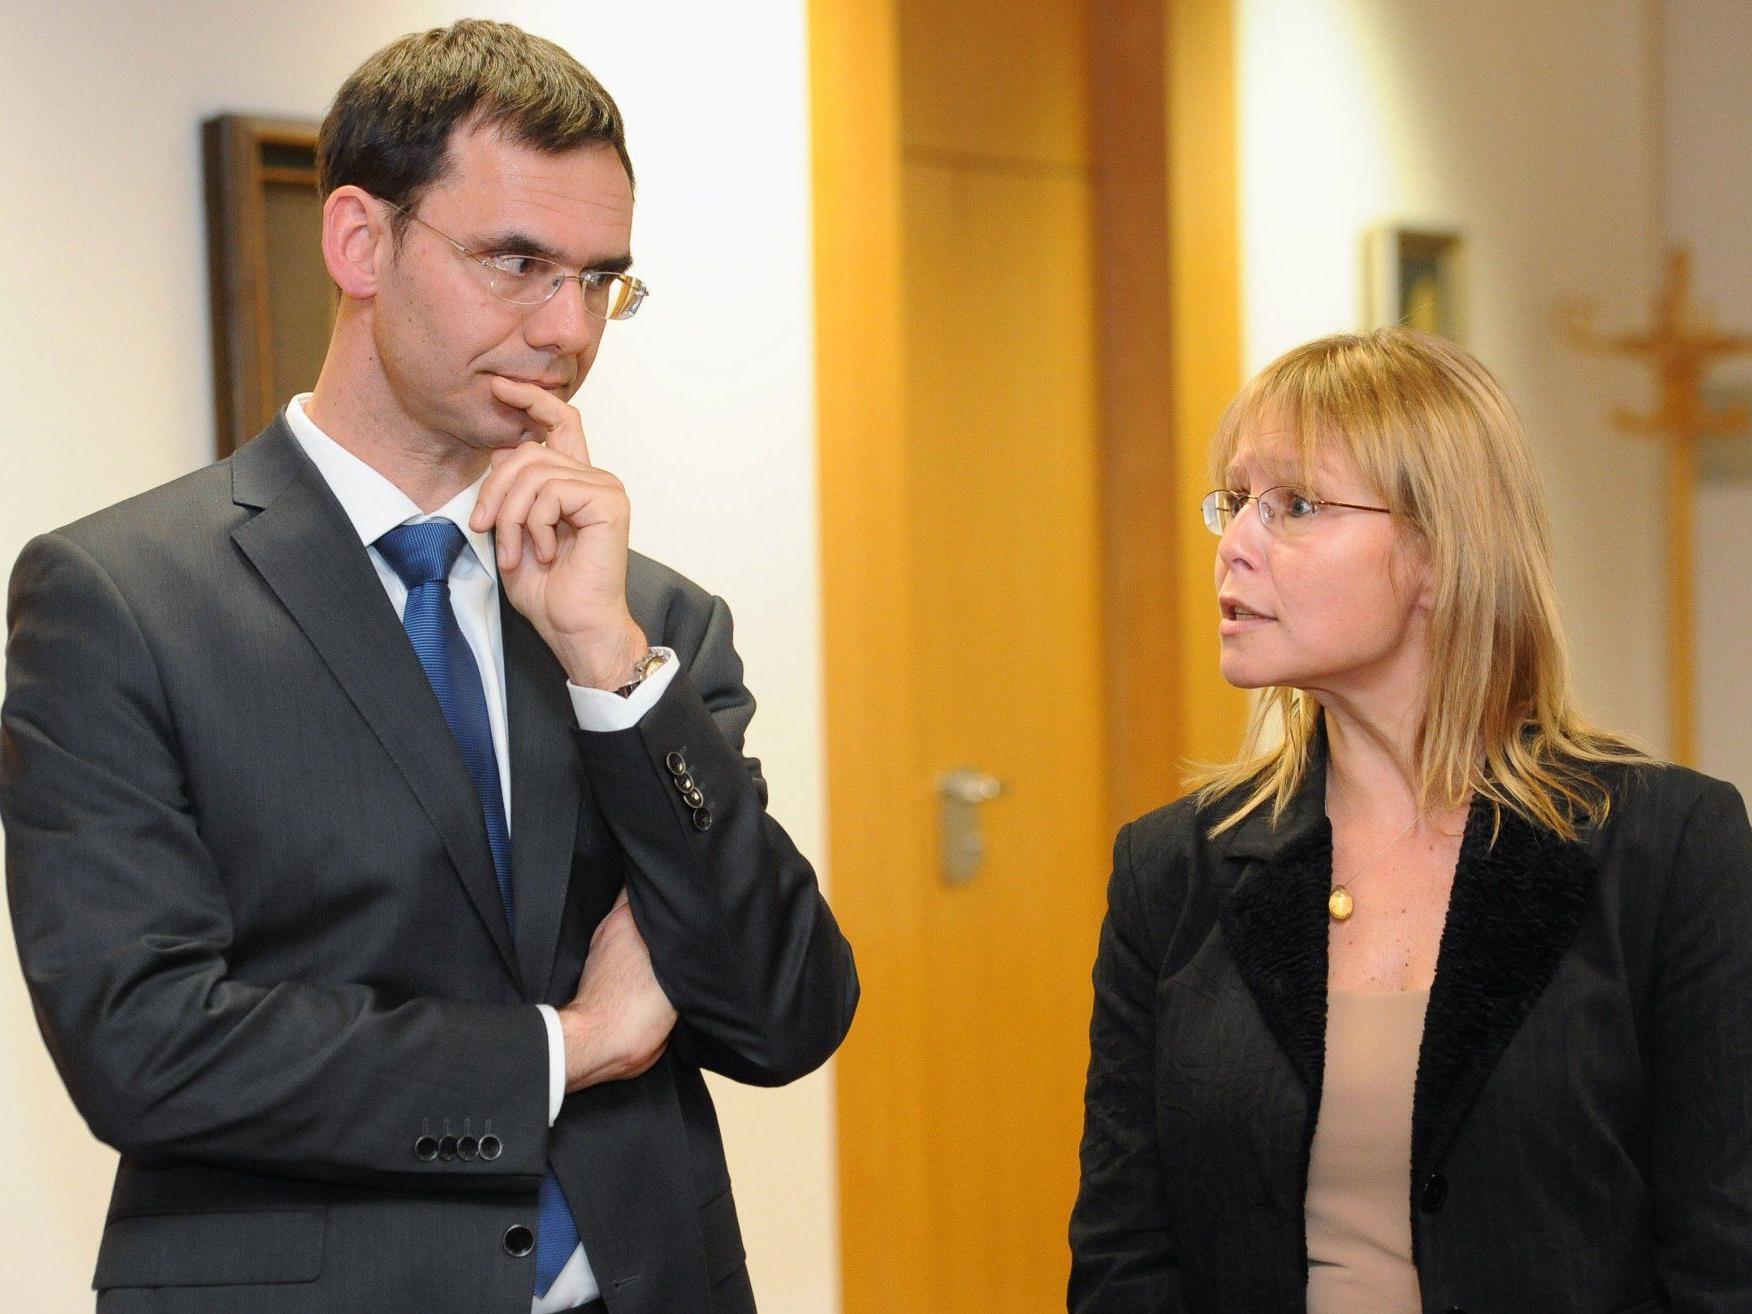 Landeshauptmann Wallner und Ministerin Karl diskutieren über Bezirksgerichte.